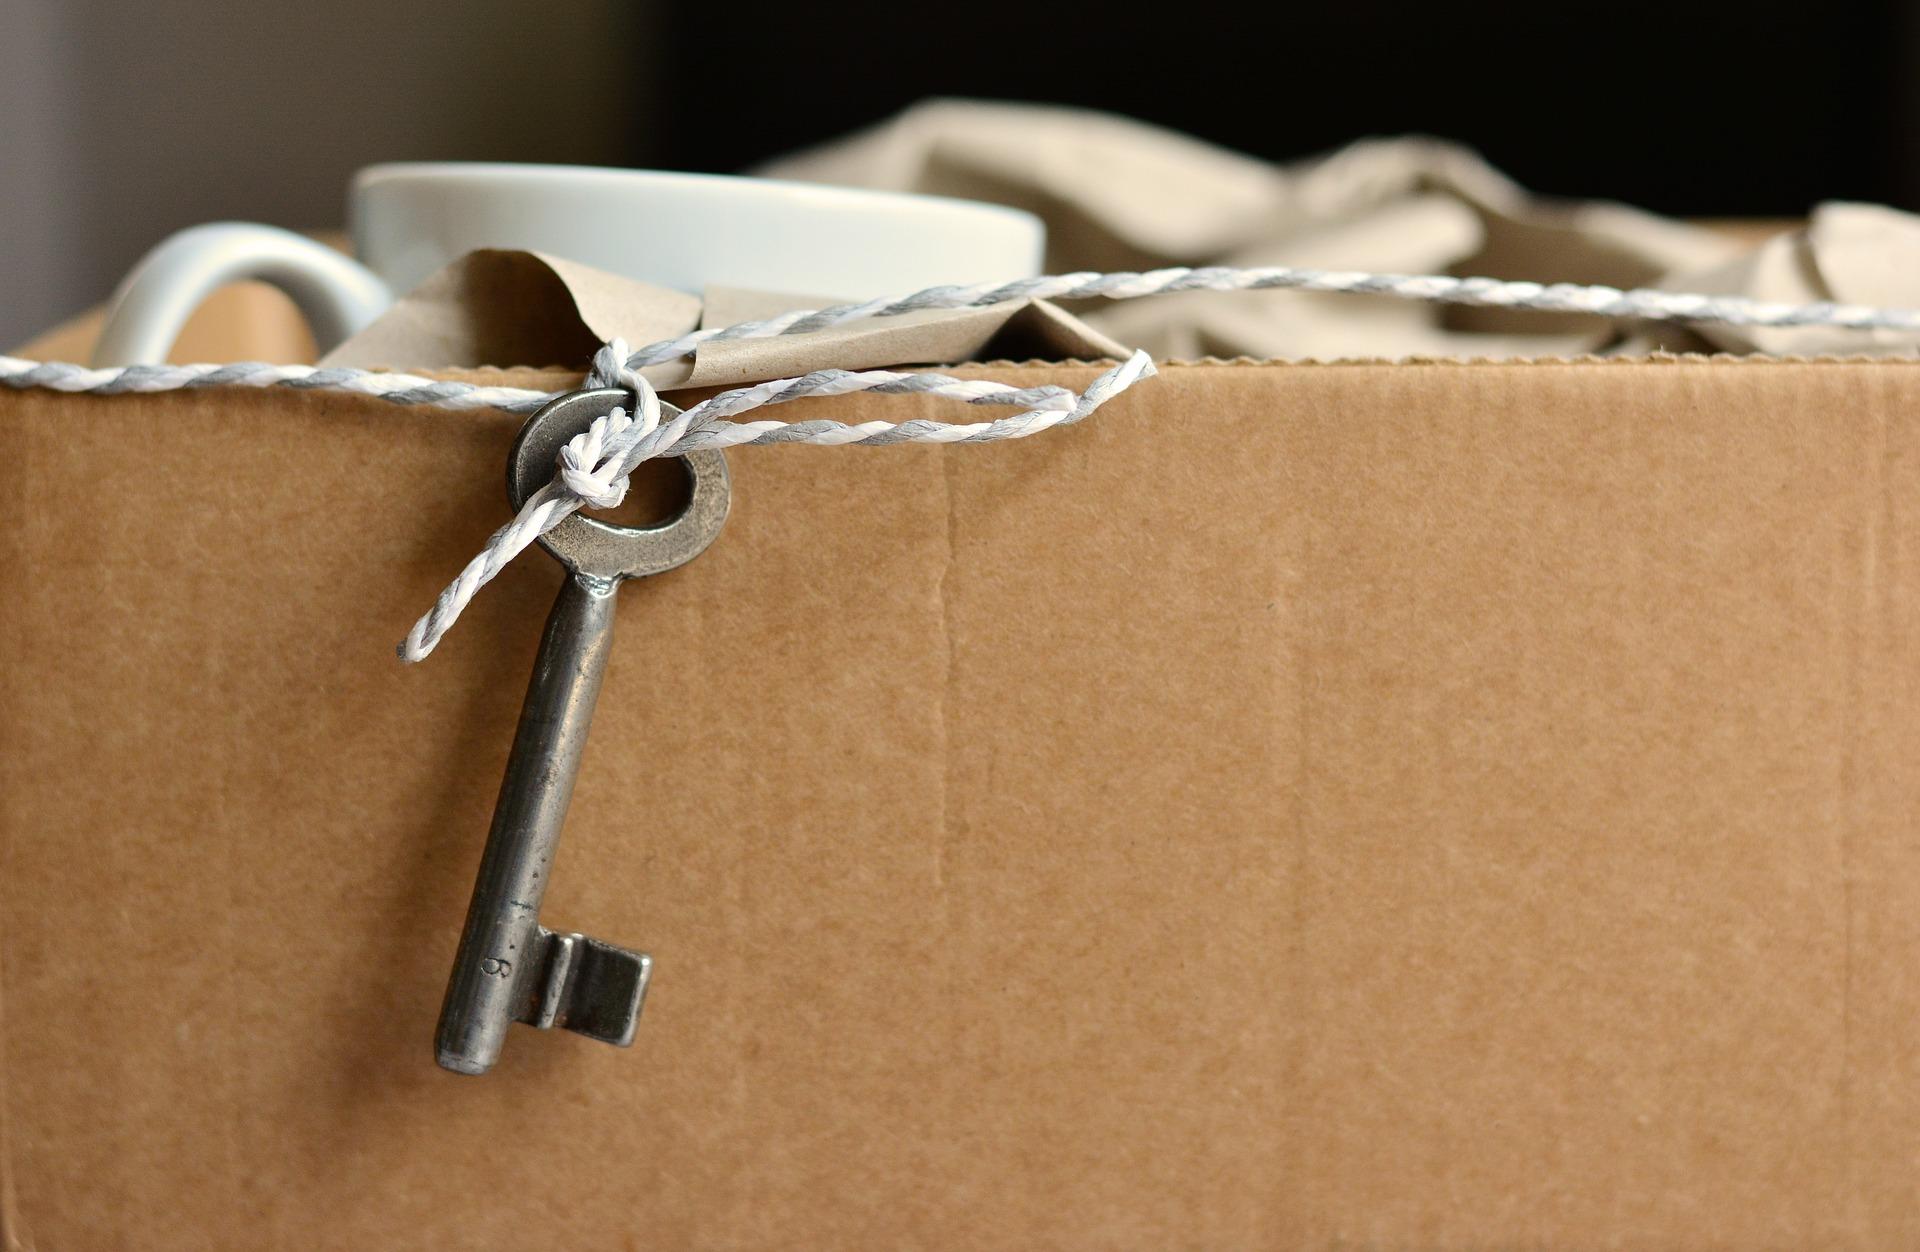 Consejos y trucos de embalaje para mudanzas